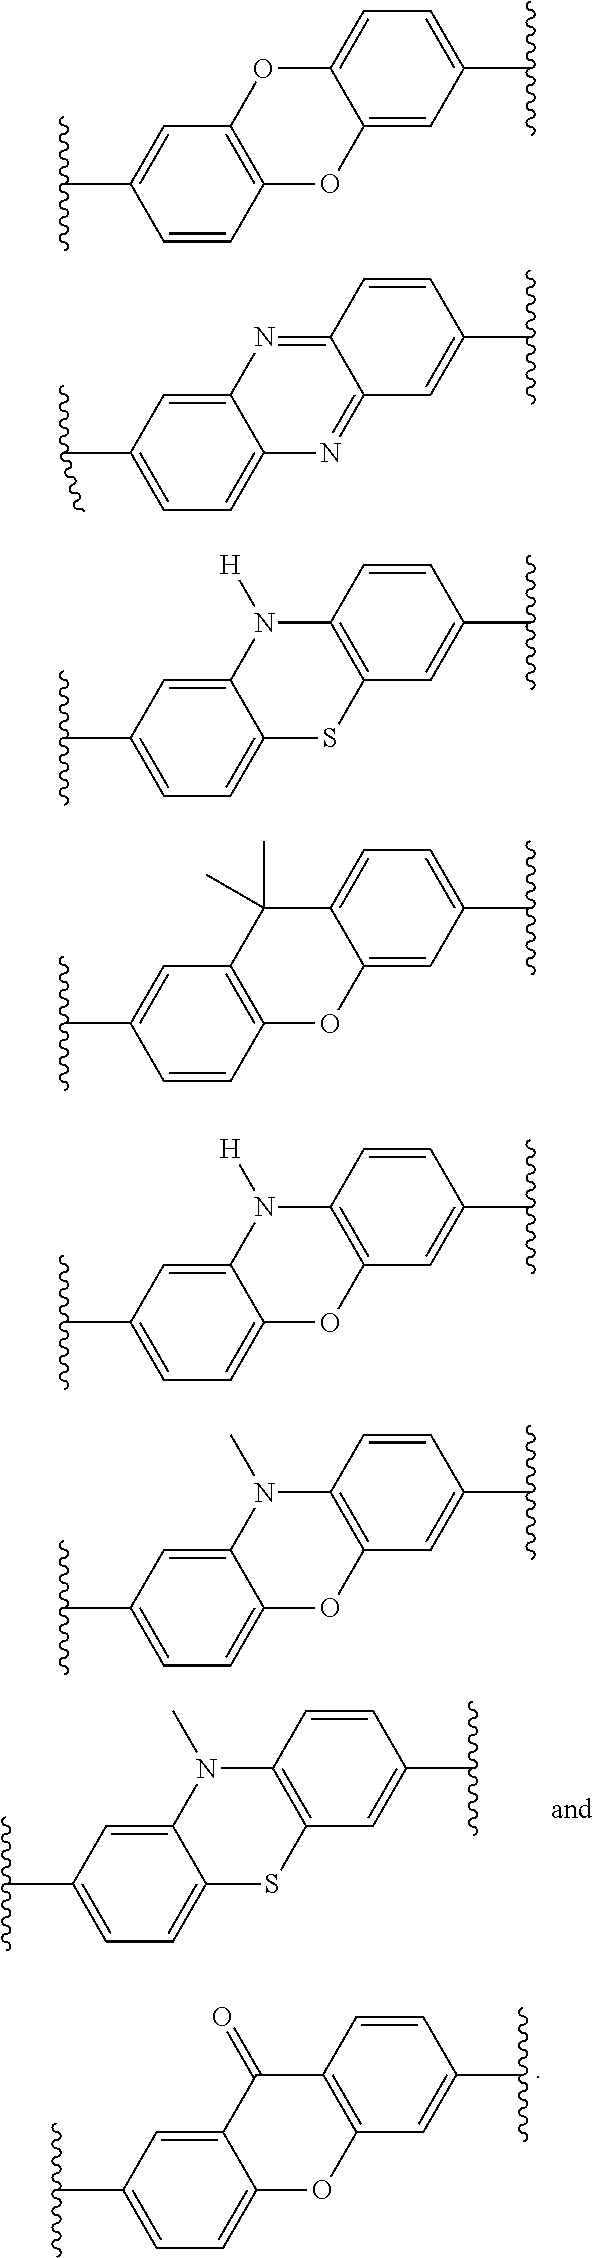 Figure US08273341-20120925-C00195